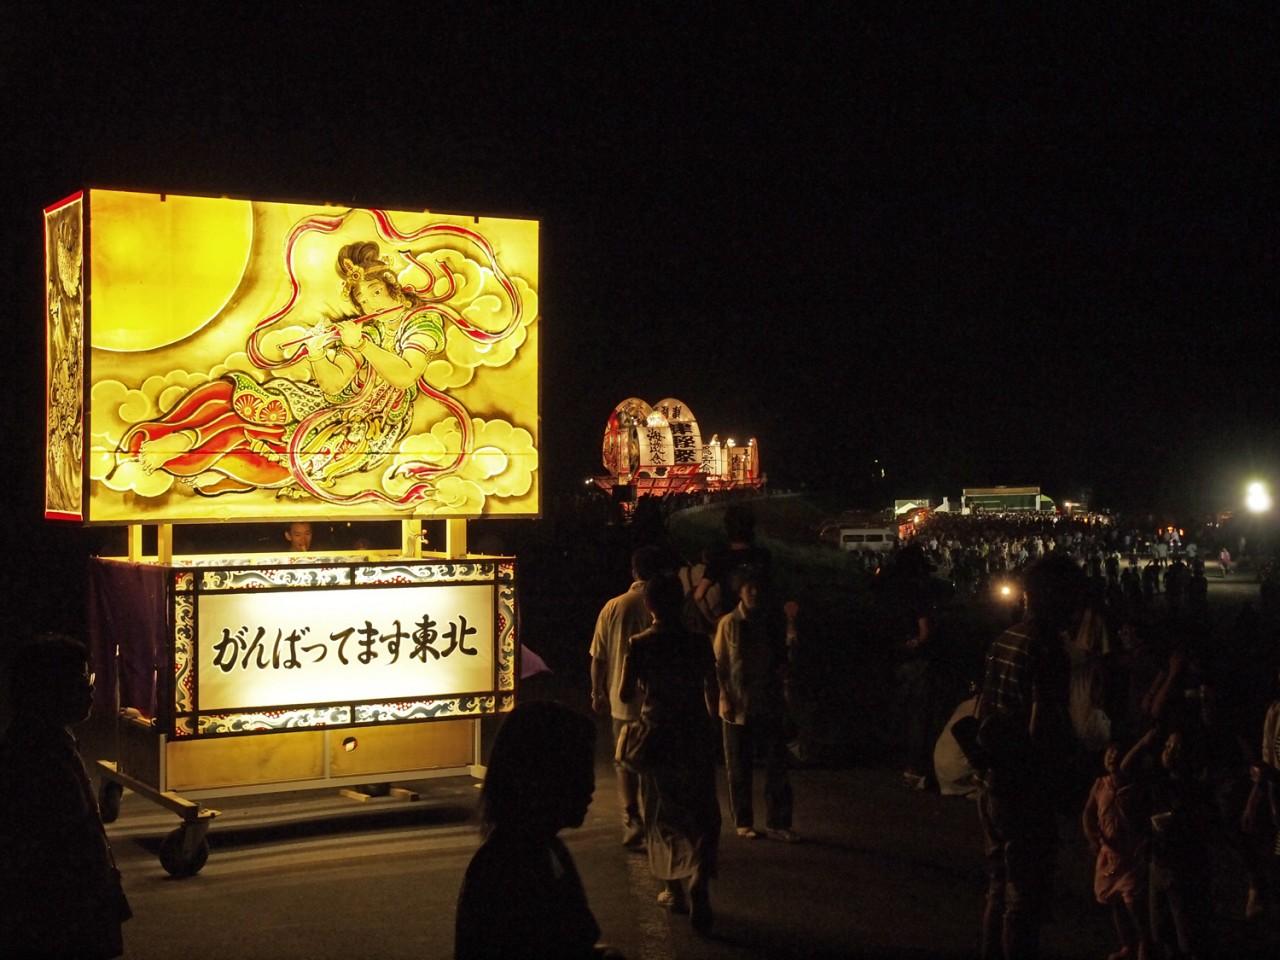 余韻にひたりながら帰途につく観客たち。弘前の短い夏を締めくくる素晴らしいイベントでした。